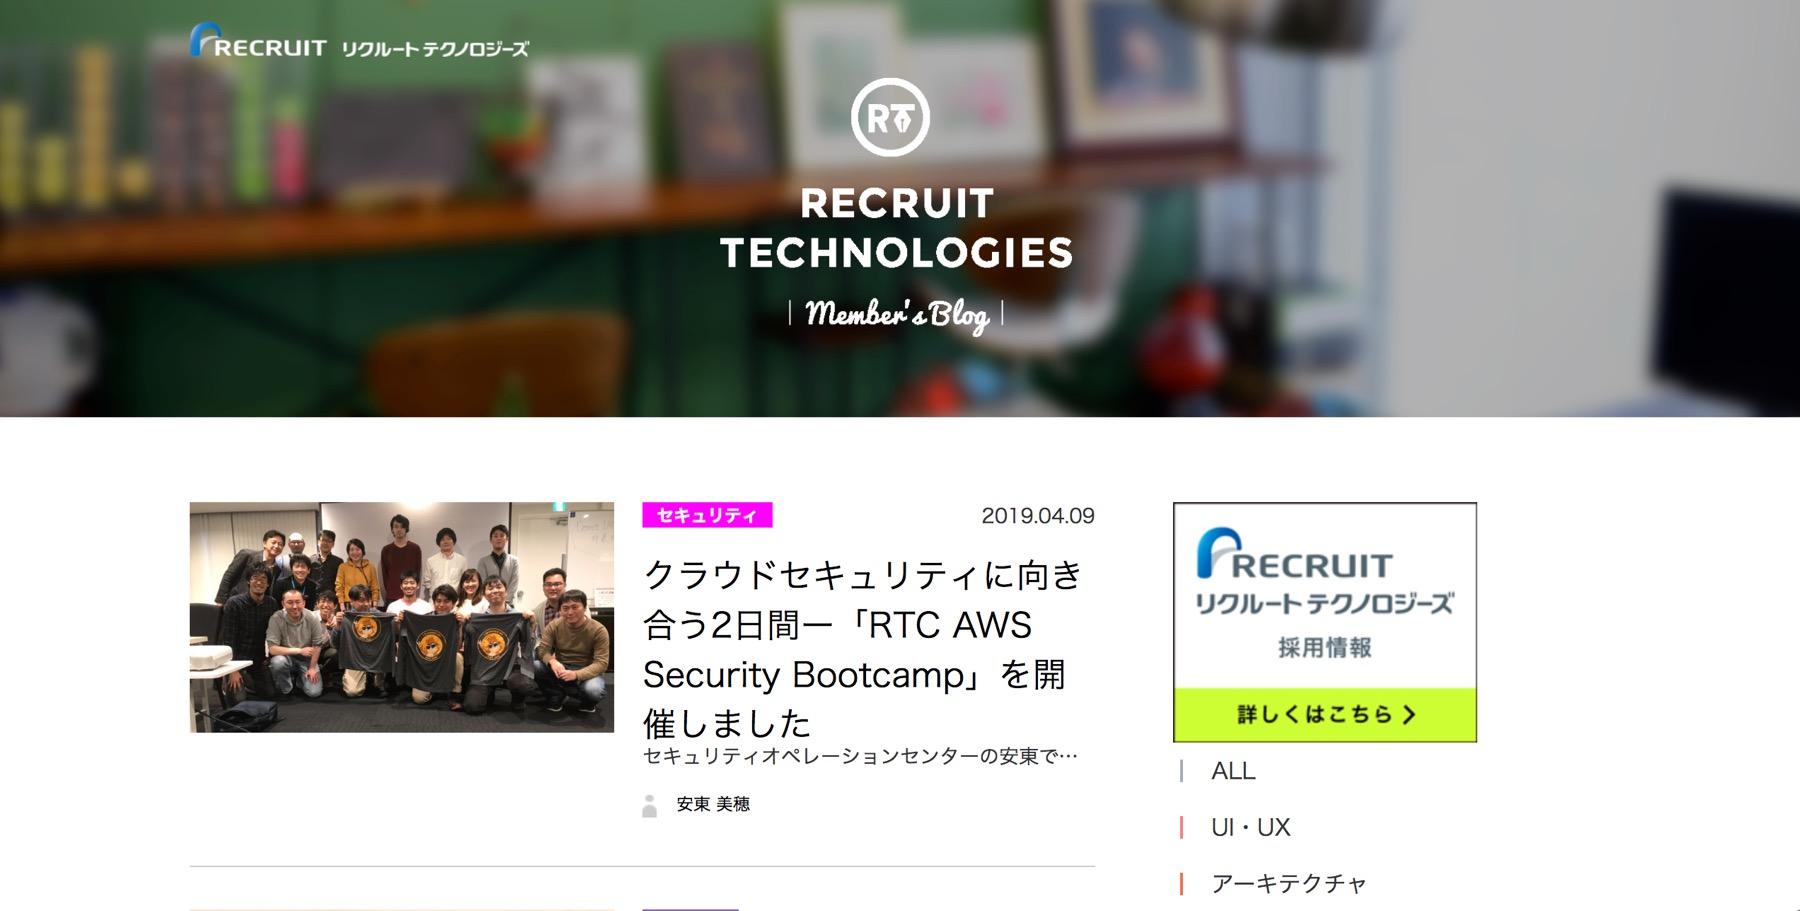 RECRUIT TECHNOLOGIES Member's Blog